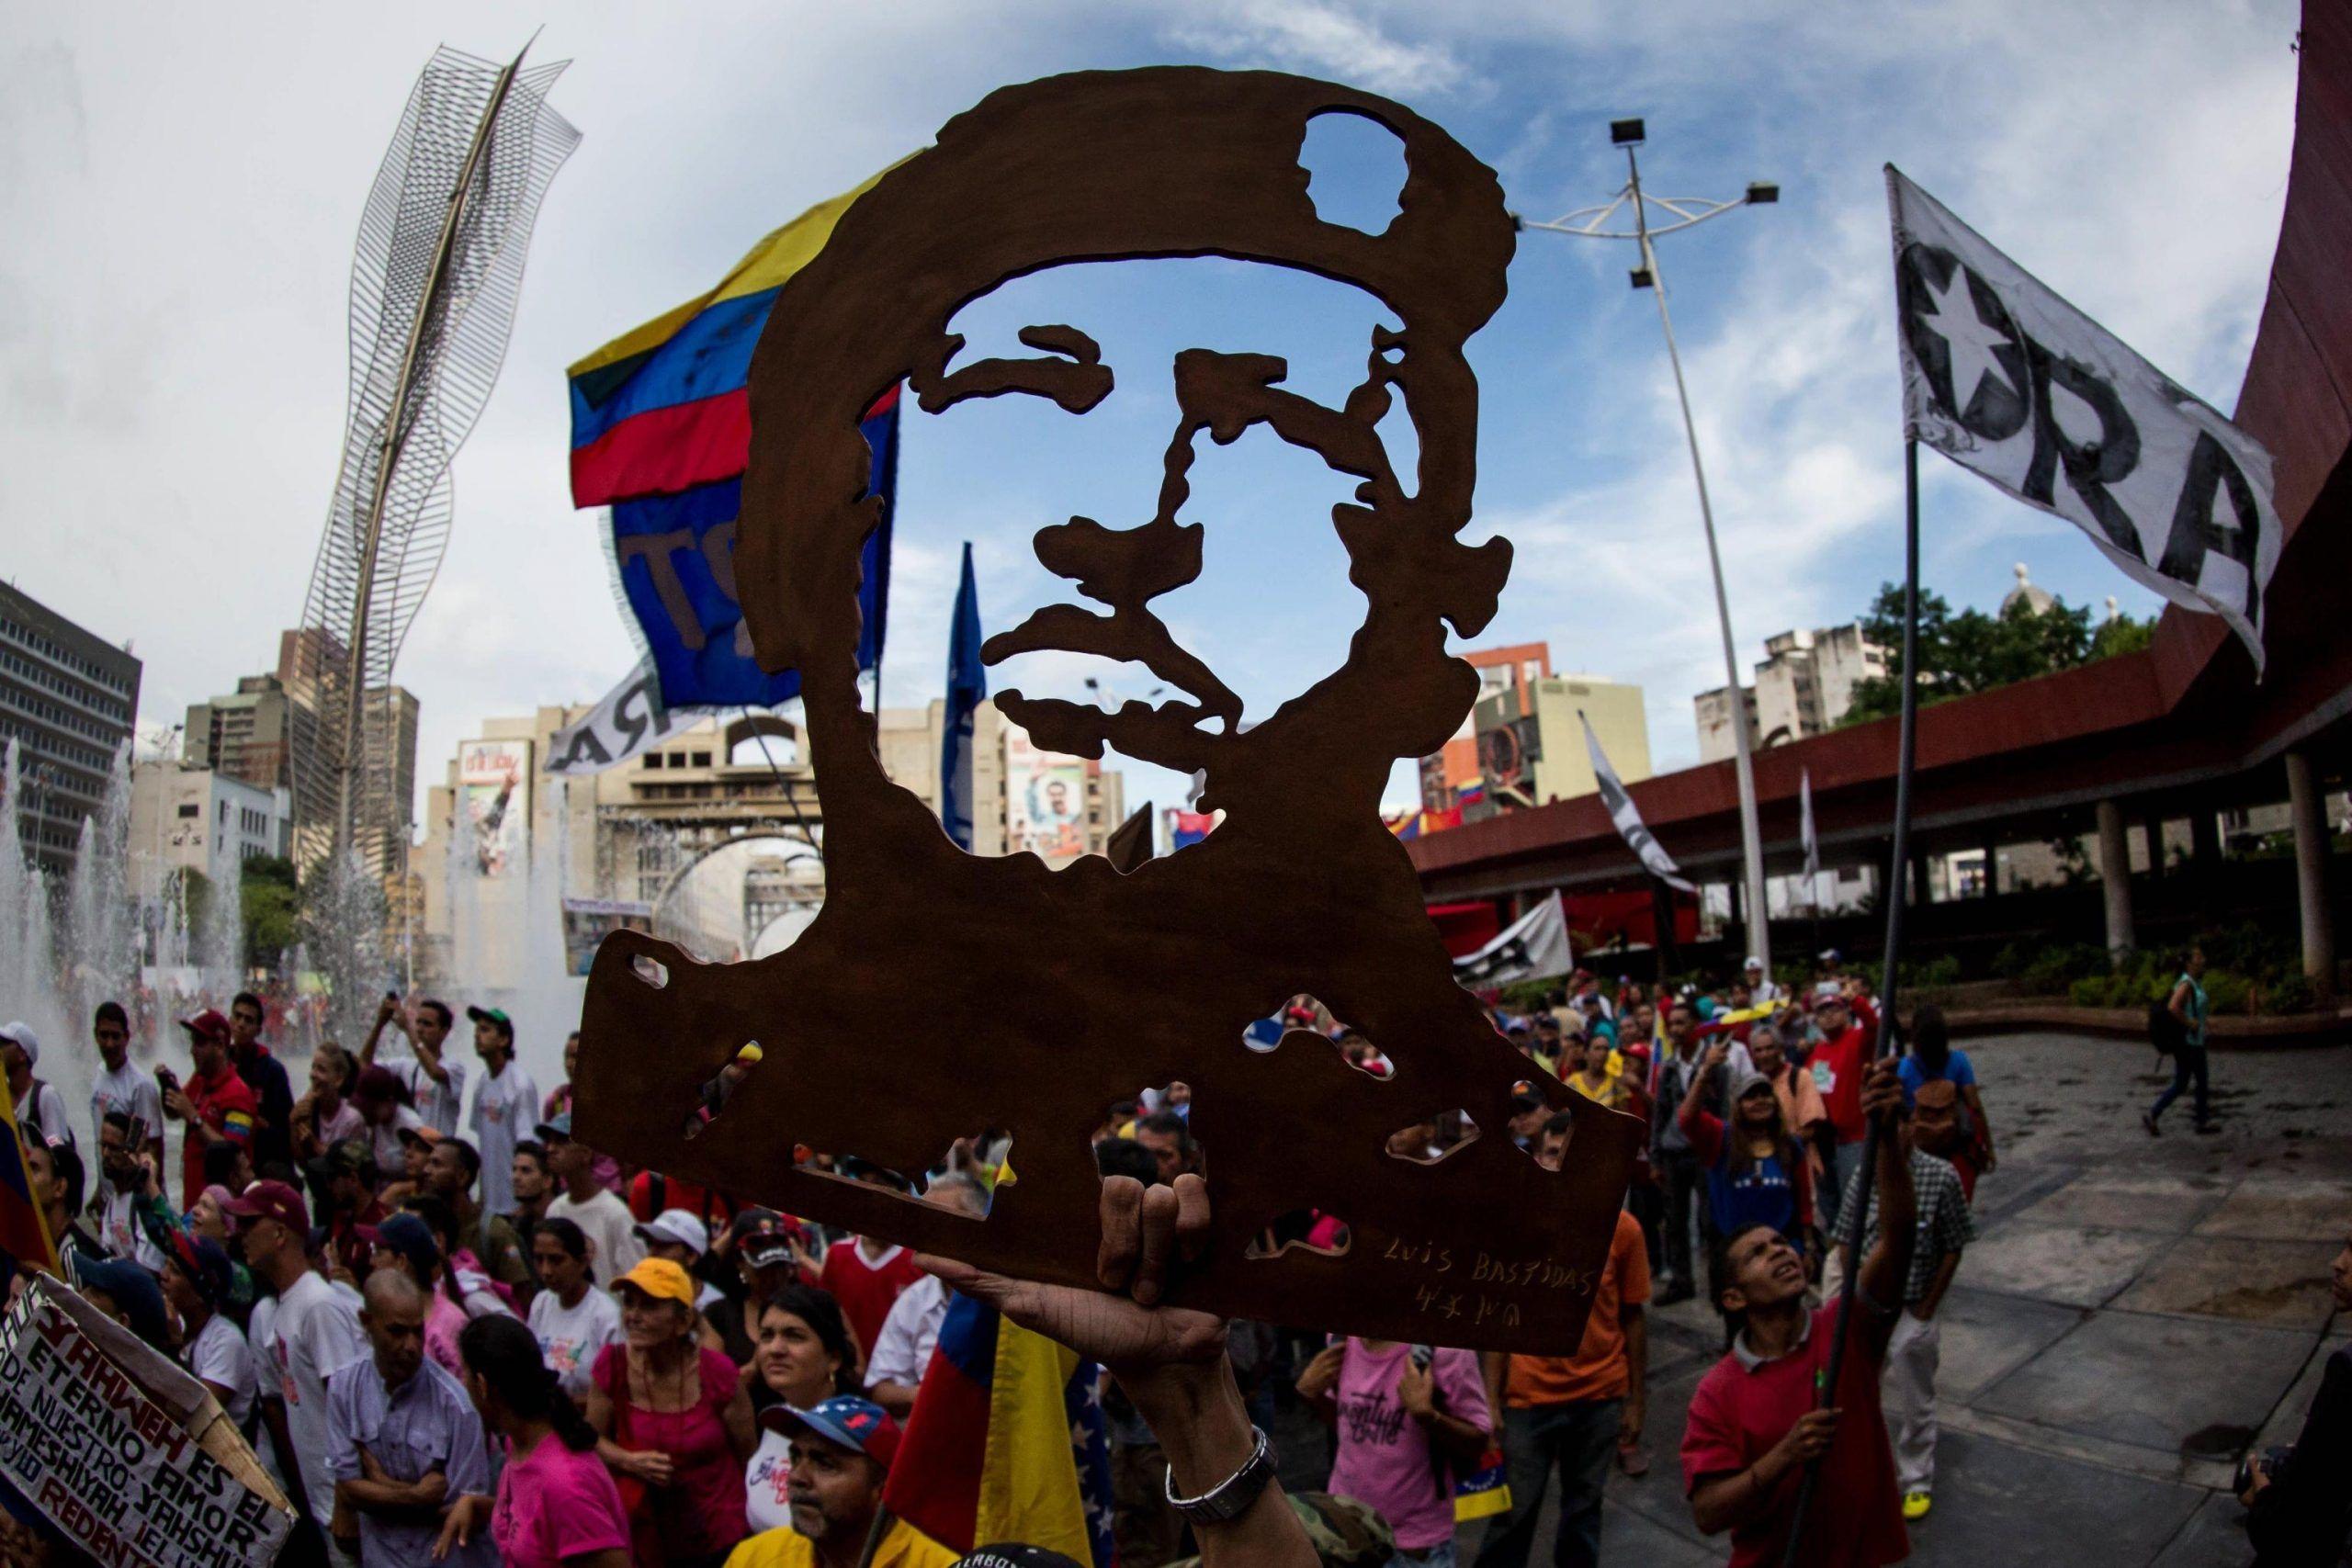 La crisi in Venezuela, Maduro e il chavismo tradito